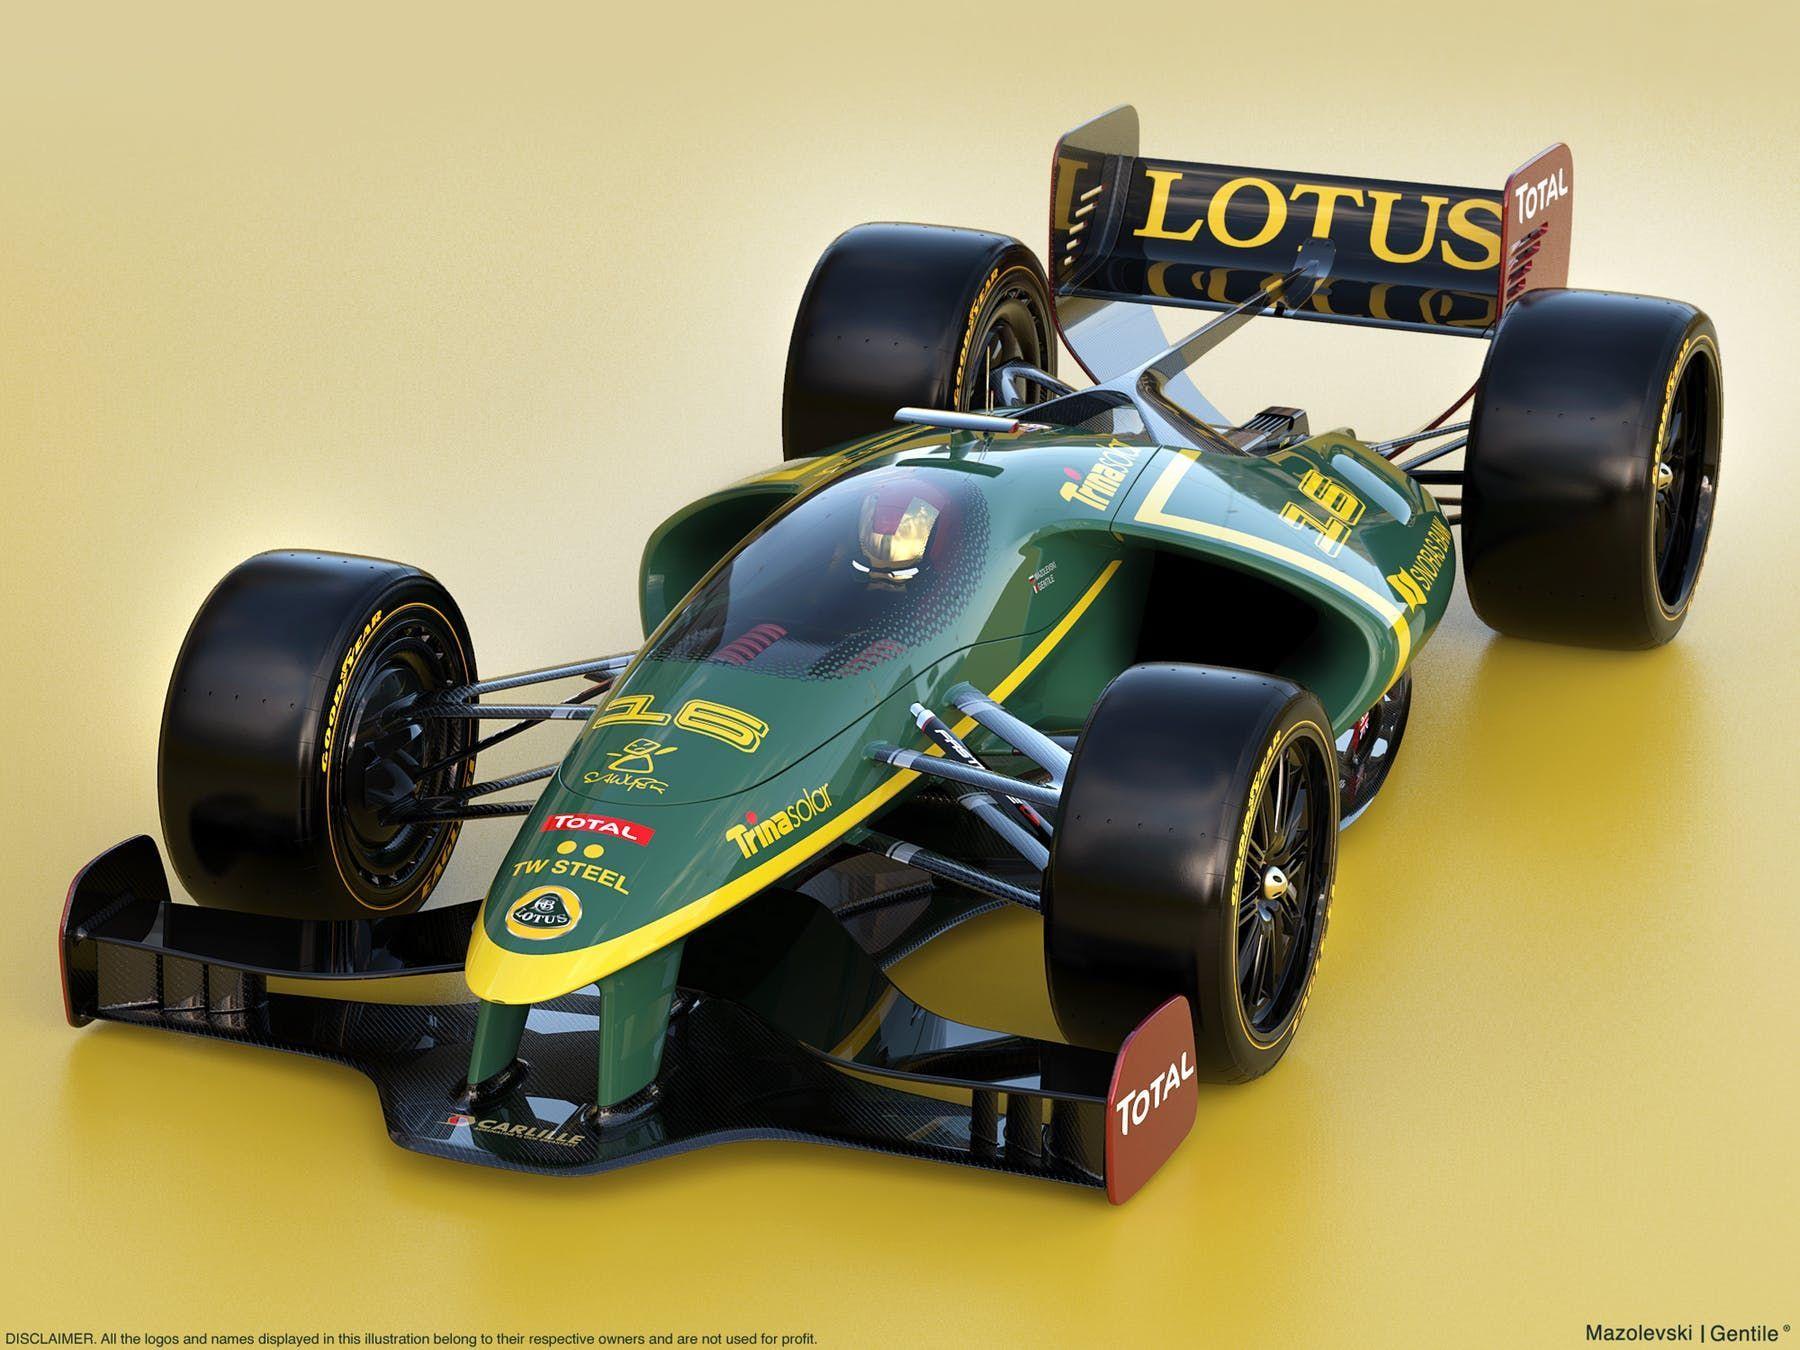 Pin Von Joao B Auf Autos Und Motorrader Lotus F1 Rennwagen